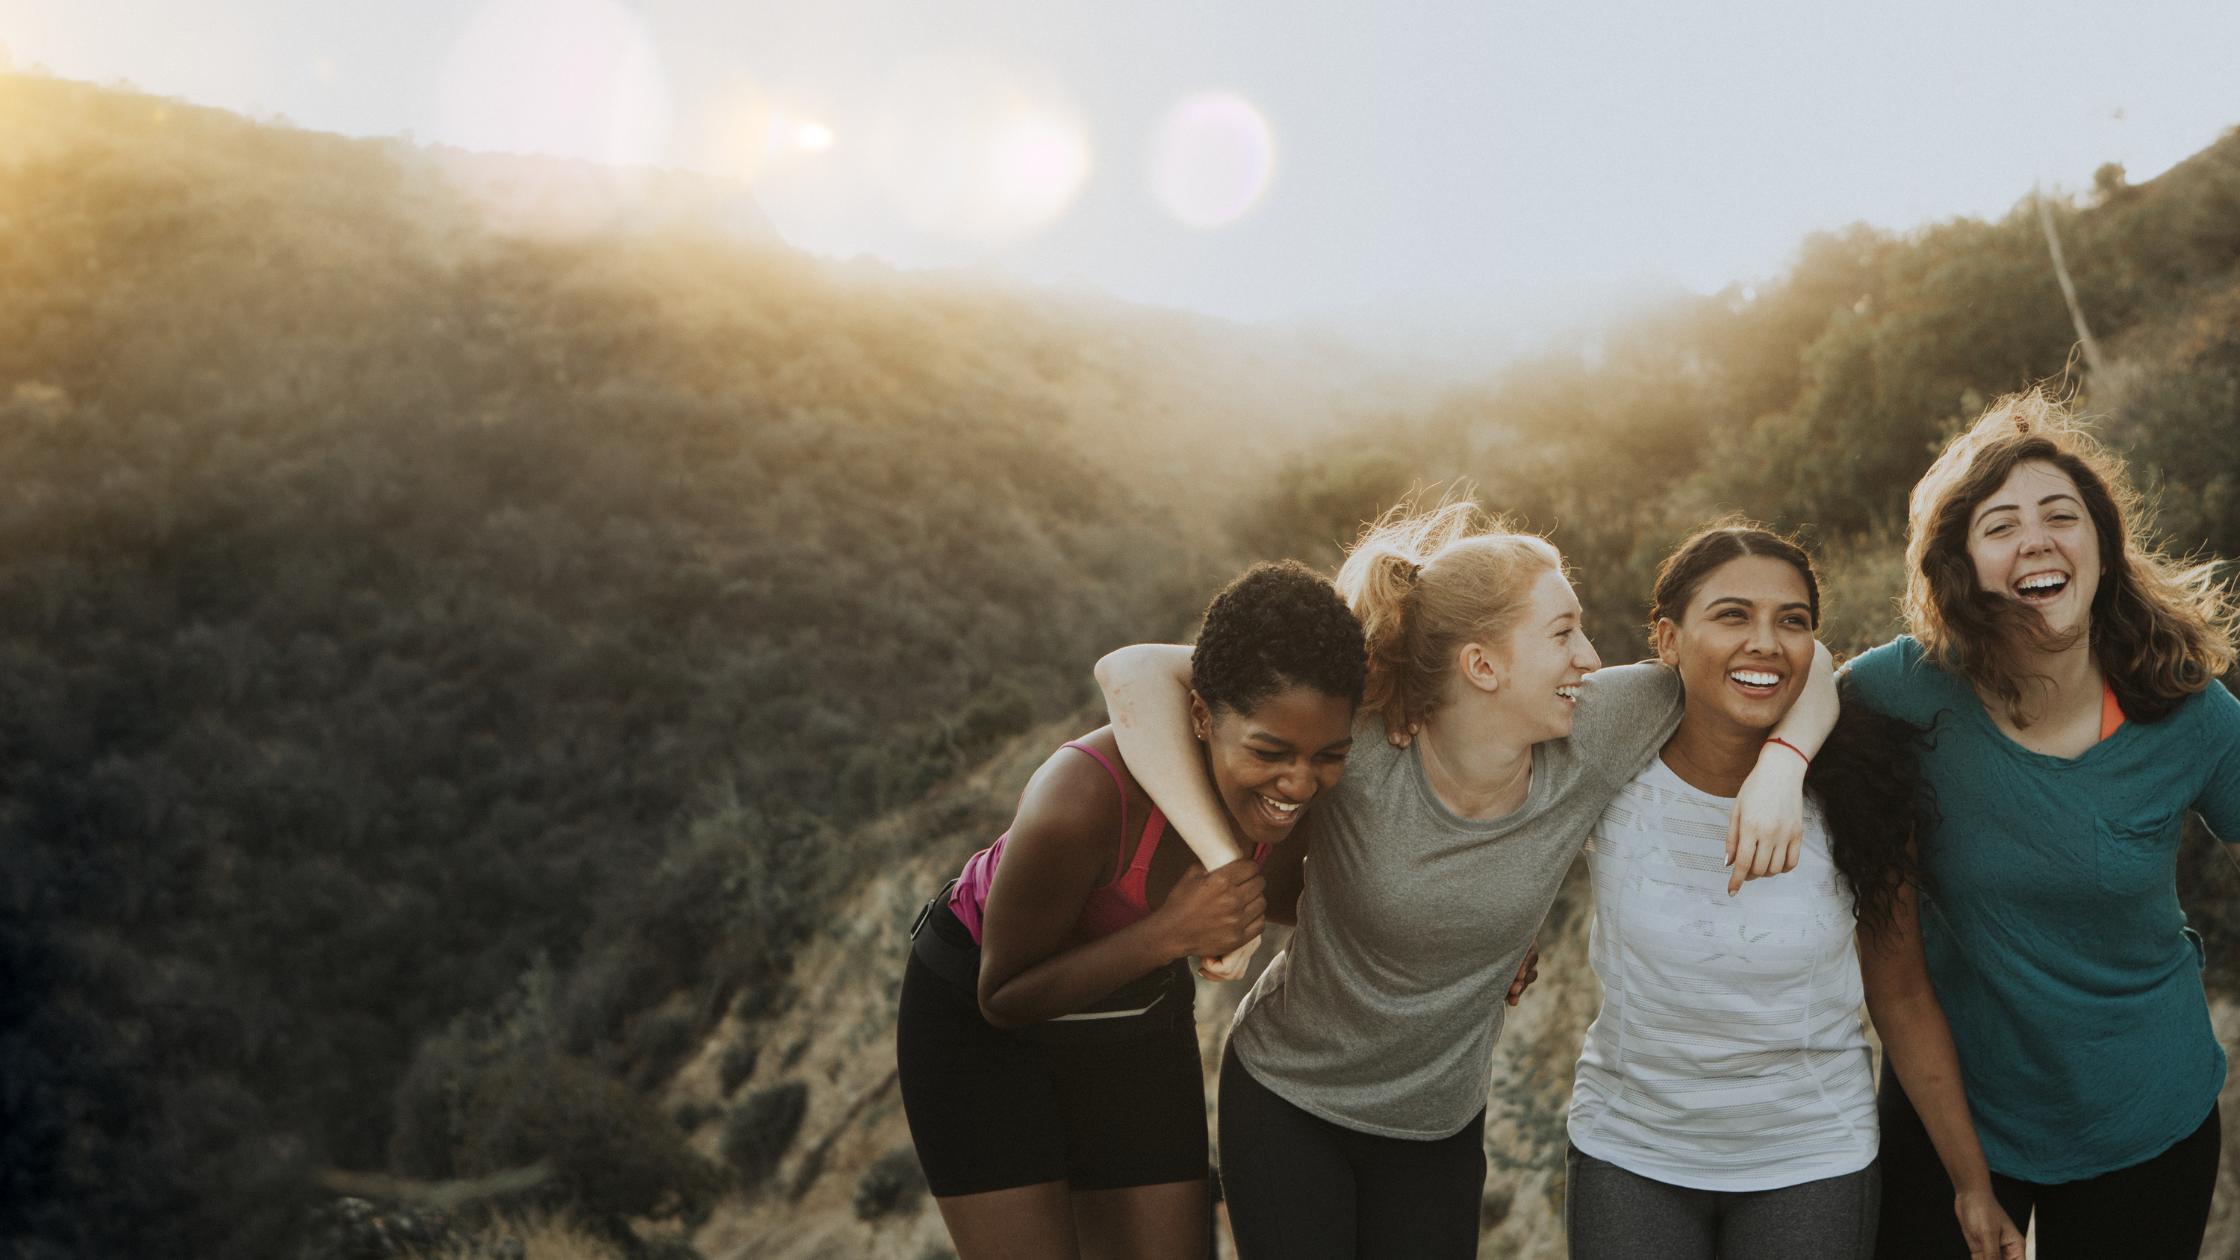 四个朋友徒步穿越起伏的山丘,笑着笑着